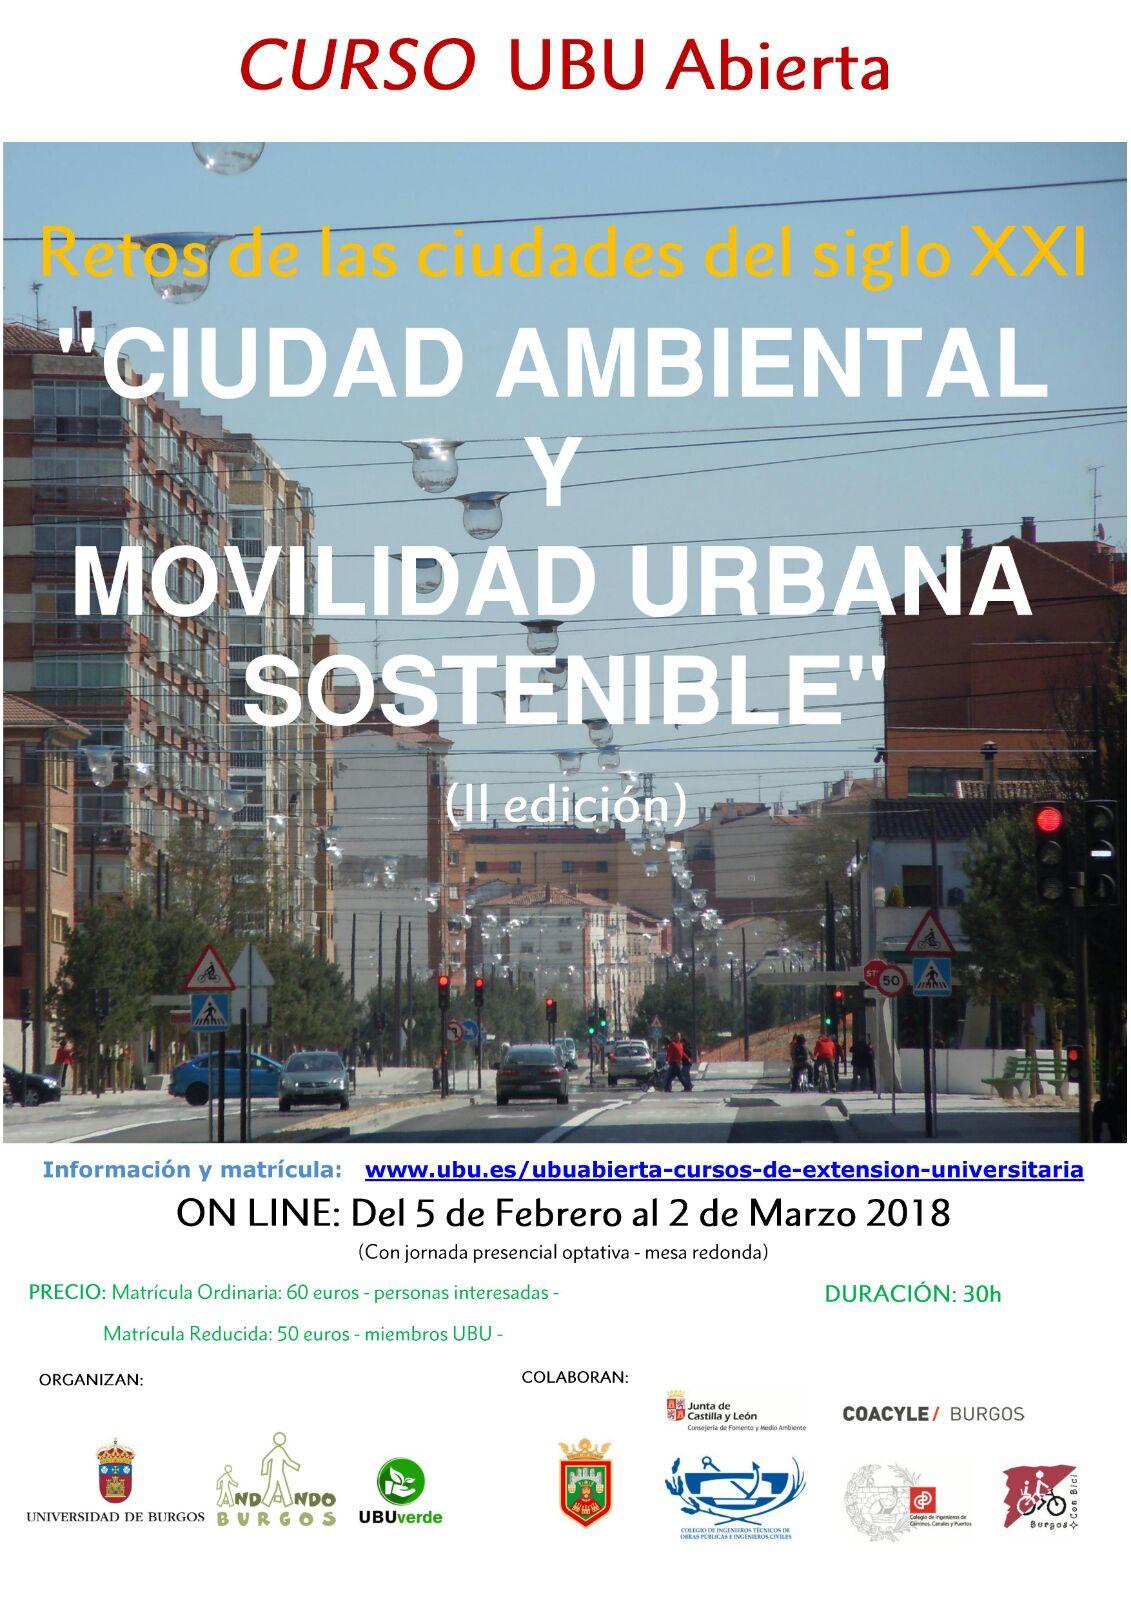 Cartel de Curso UBU Online sobre ciudad ambiental y movilidad sostenible. Imagen del bulevar de burgos con trafico